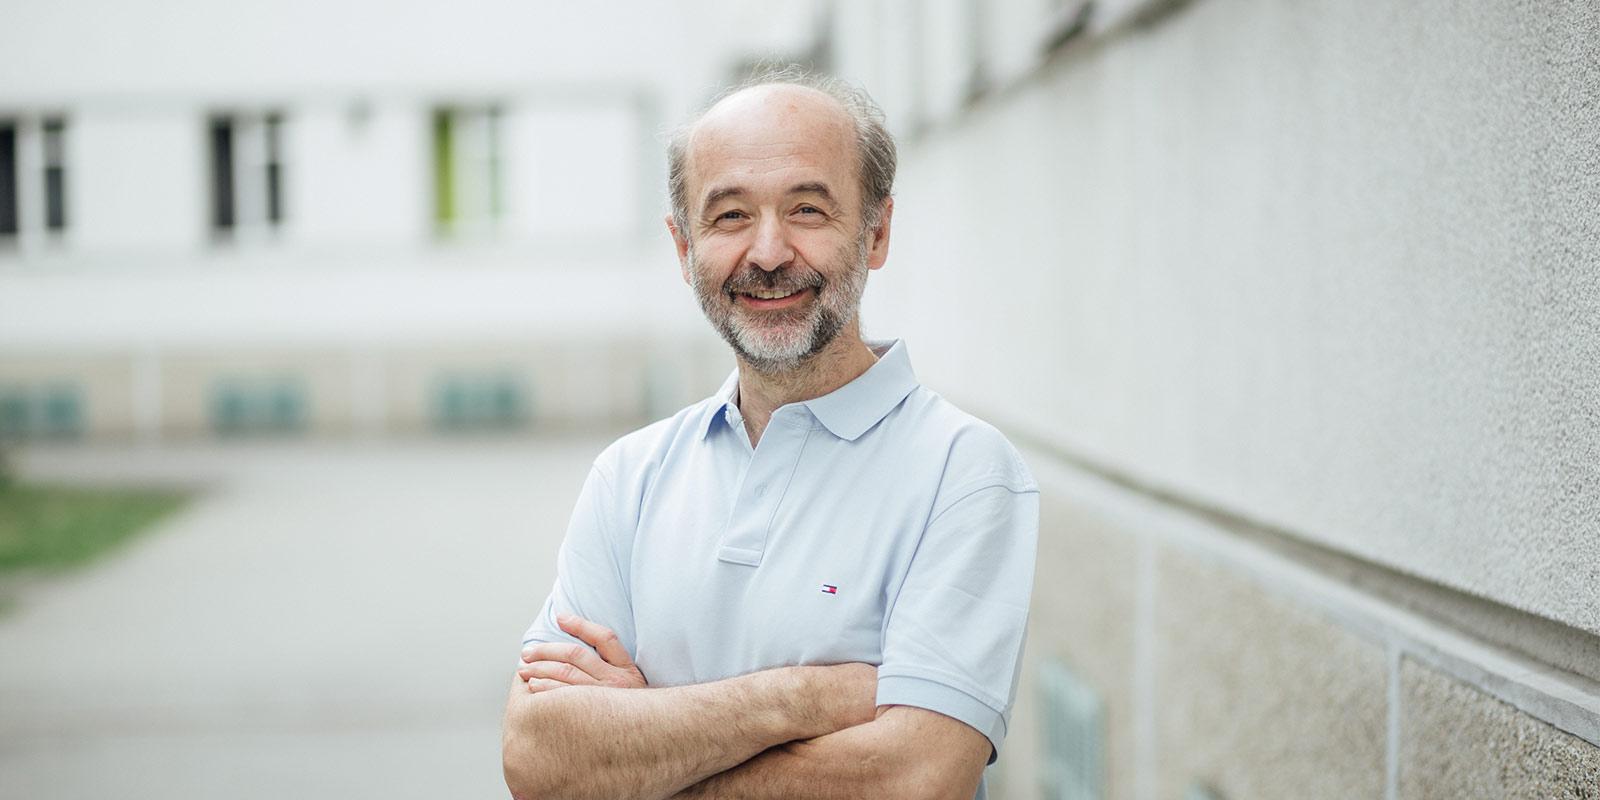 Dr. Ledermüller